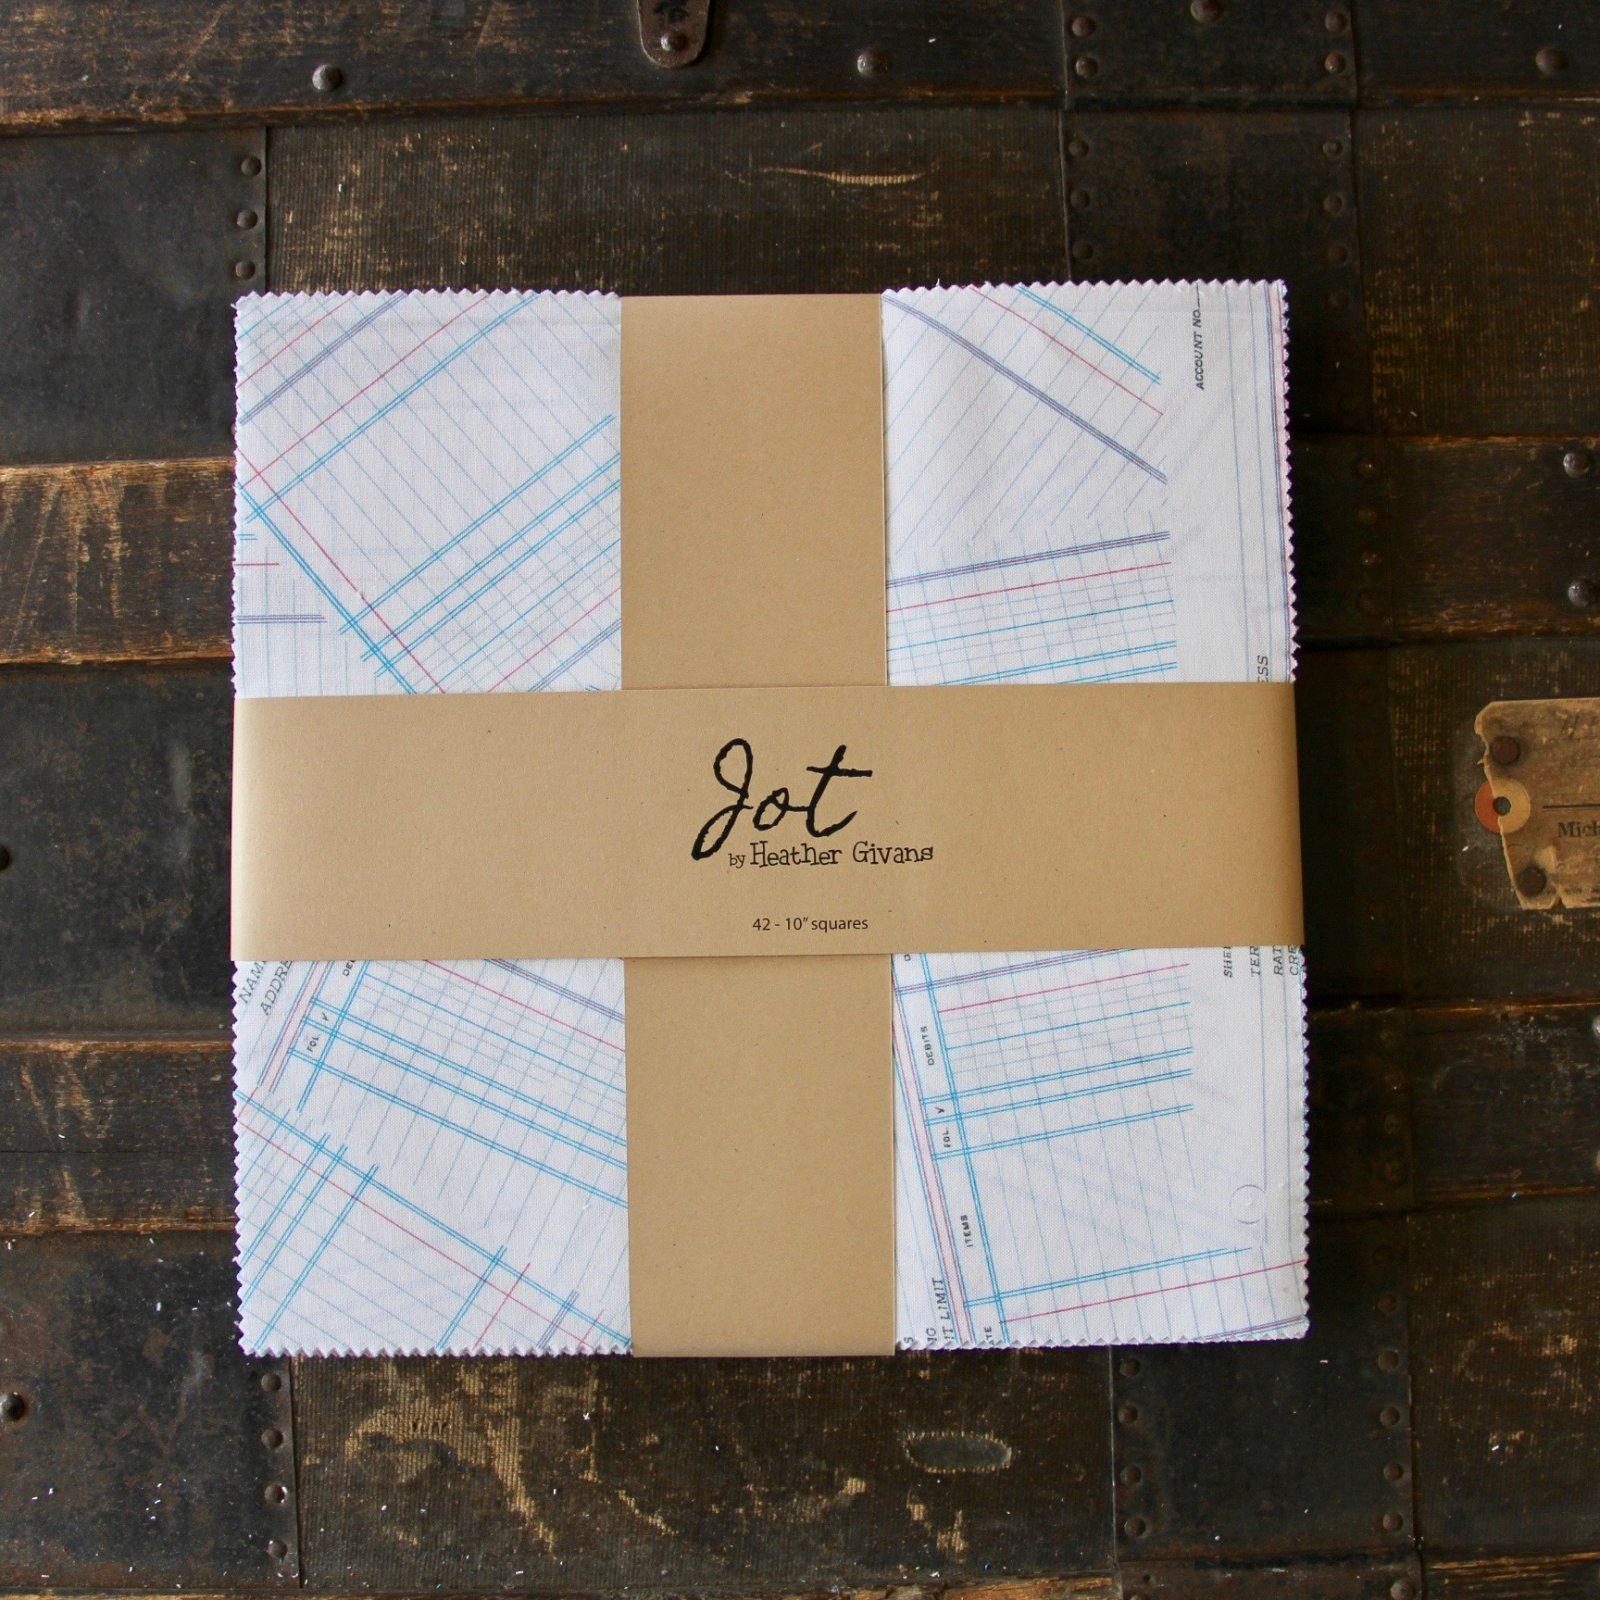 Jot Cake - (42) 10 squares